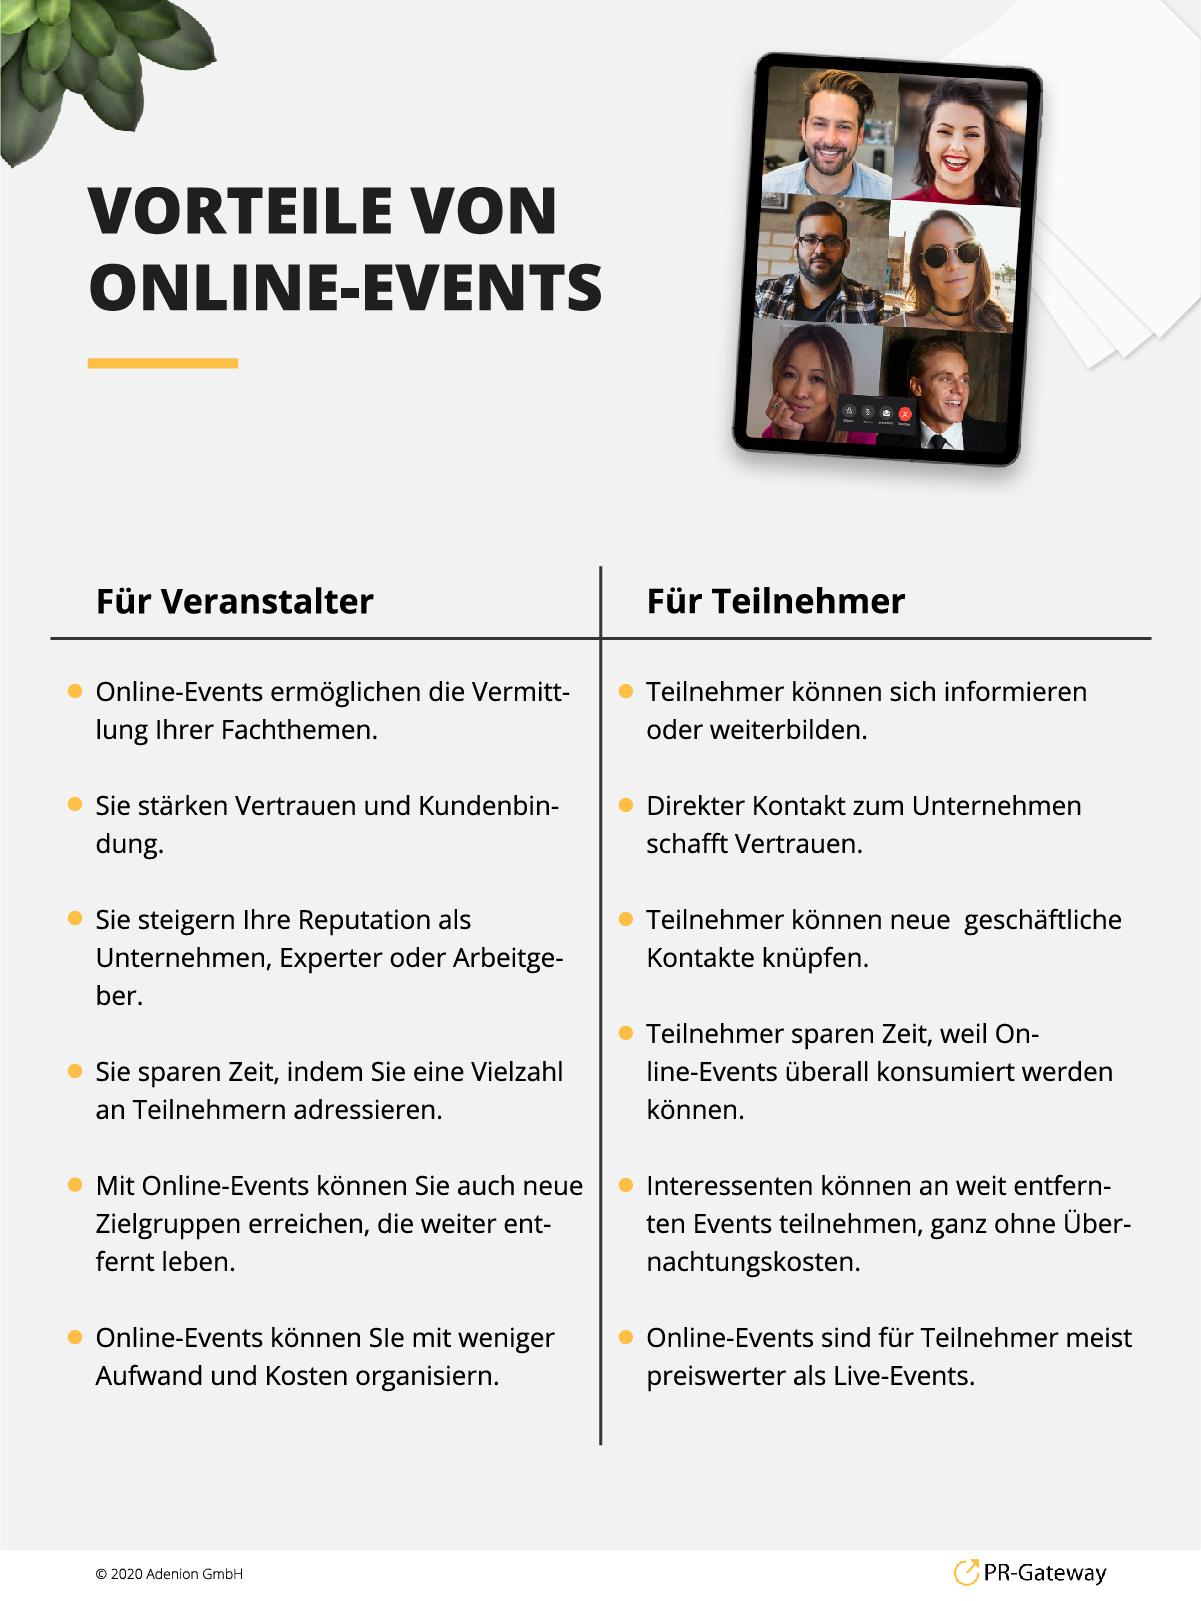 Vorteile von Online-Events